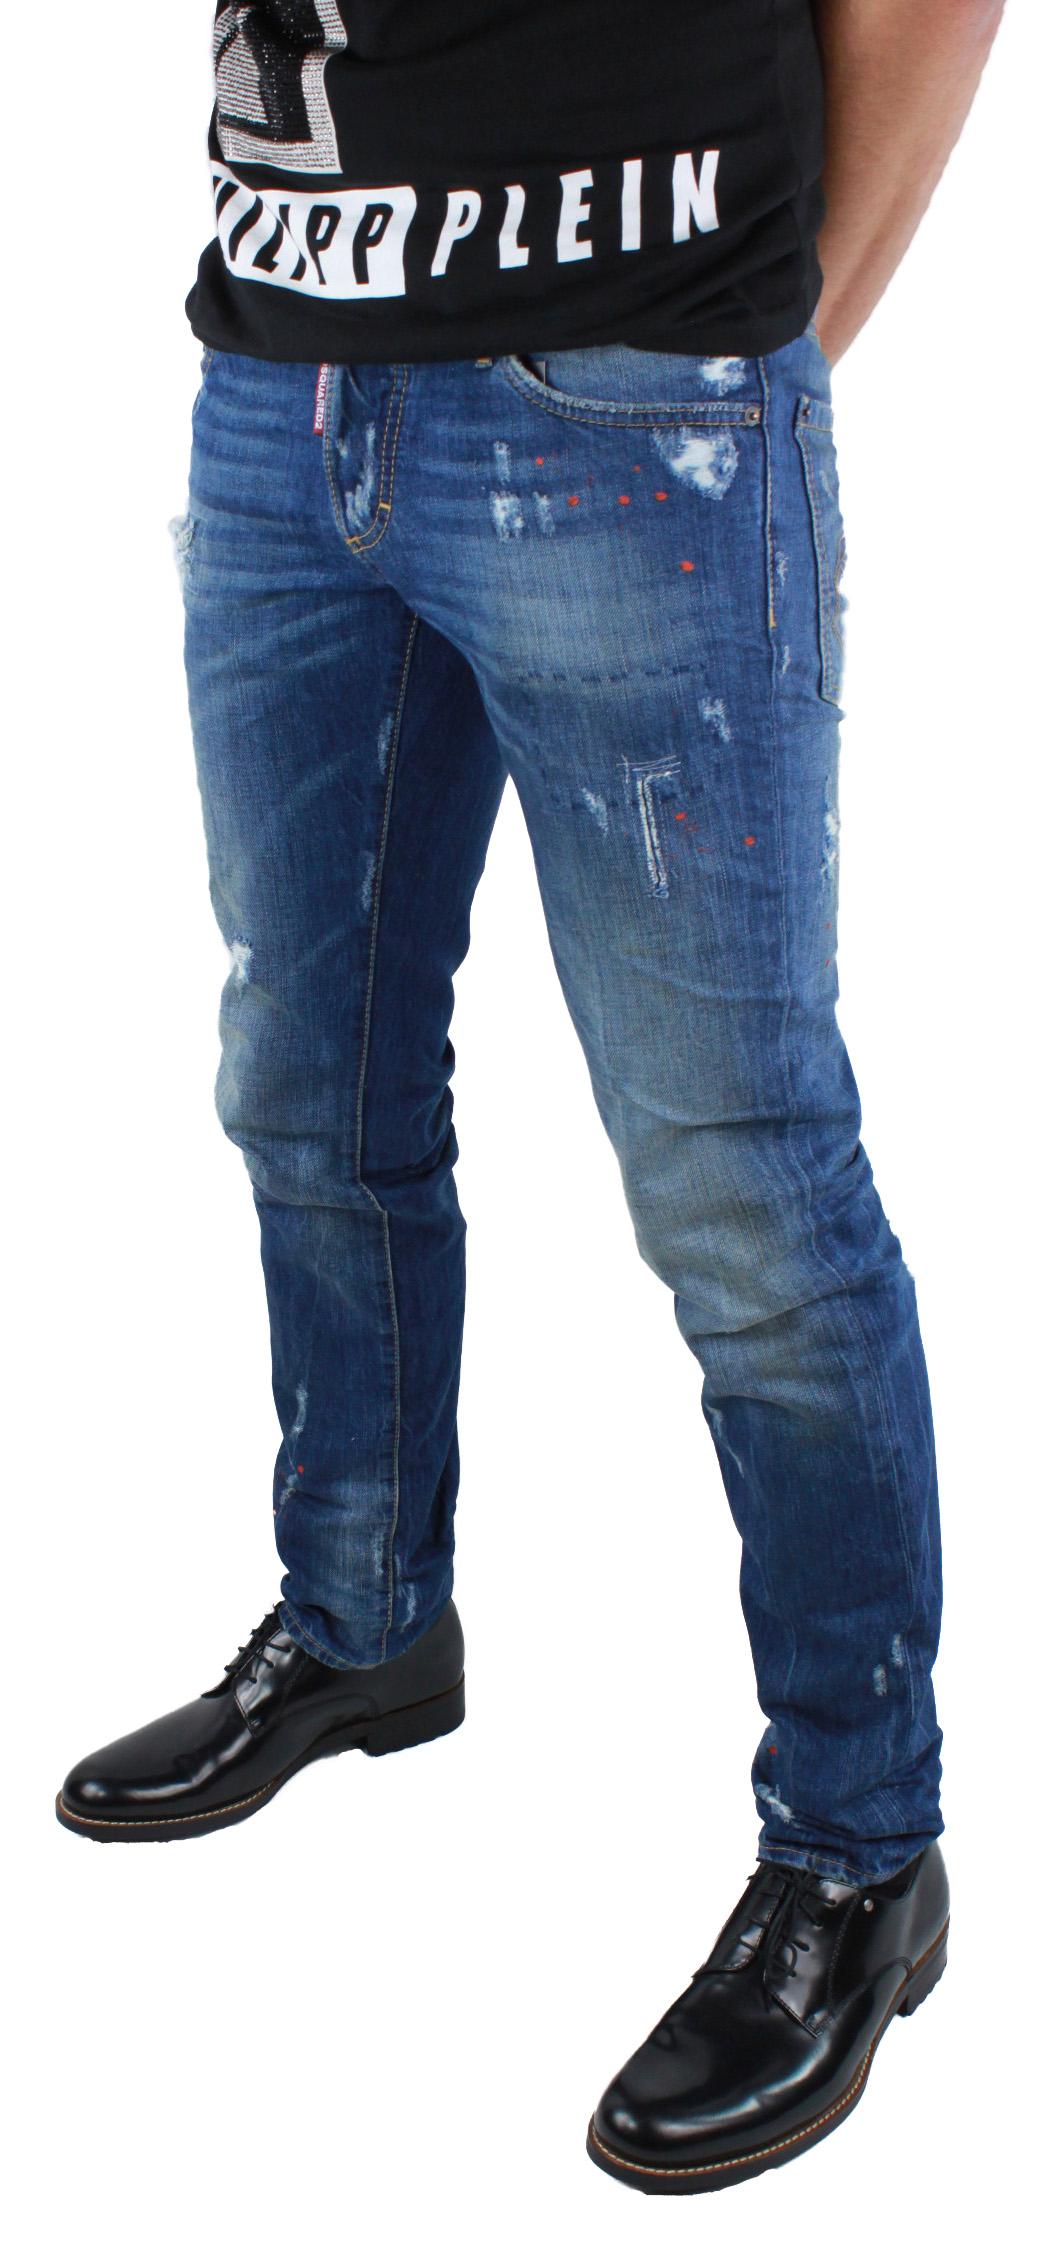 Dsquared2 Slim Jean S74la0918 S30309 470 Jeans Blu Dsquared D2 Uomo ... 4f56a4479857